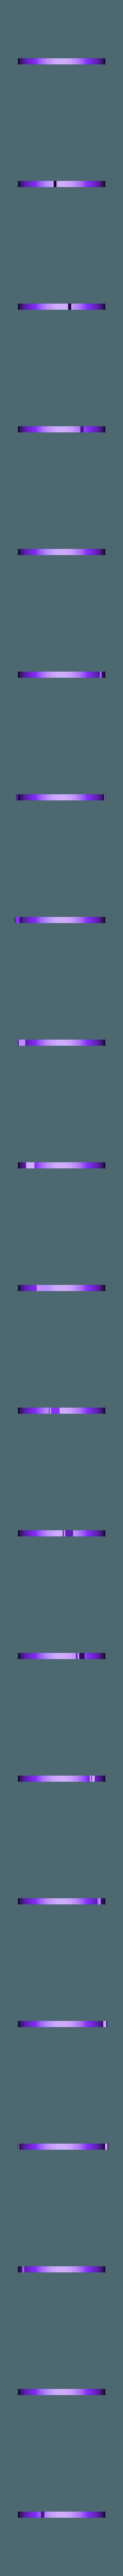 womens_day_purple.STL Télécharger fichier STL gratuit Porte-clés de la journée internationale des femmes • Modèle pour impression 3D, MosaicManufacturing